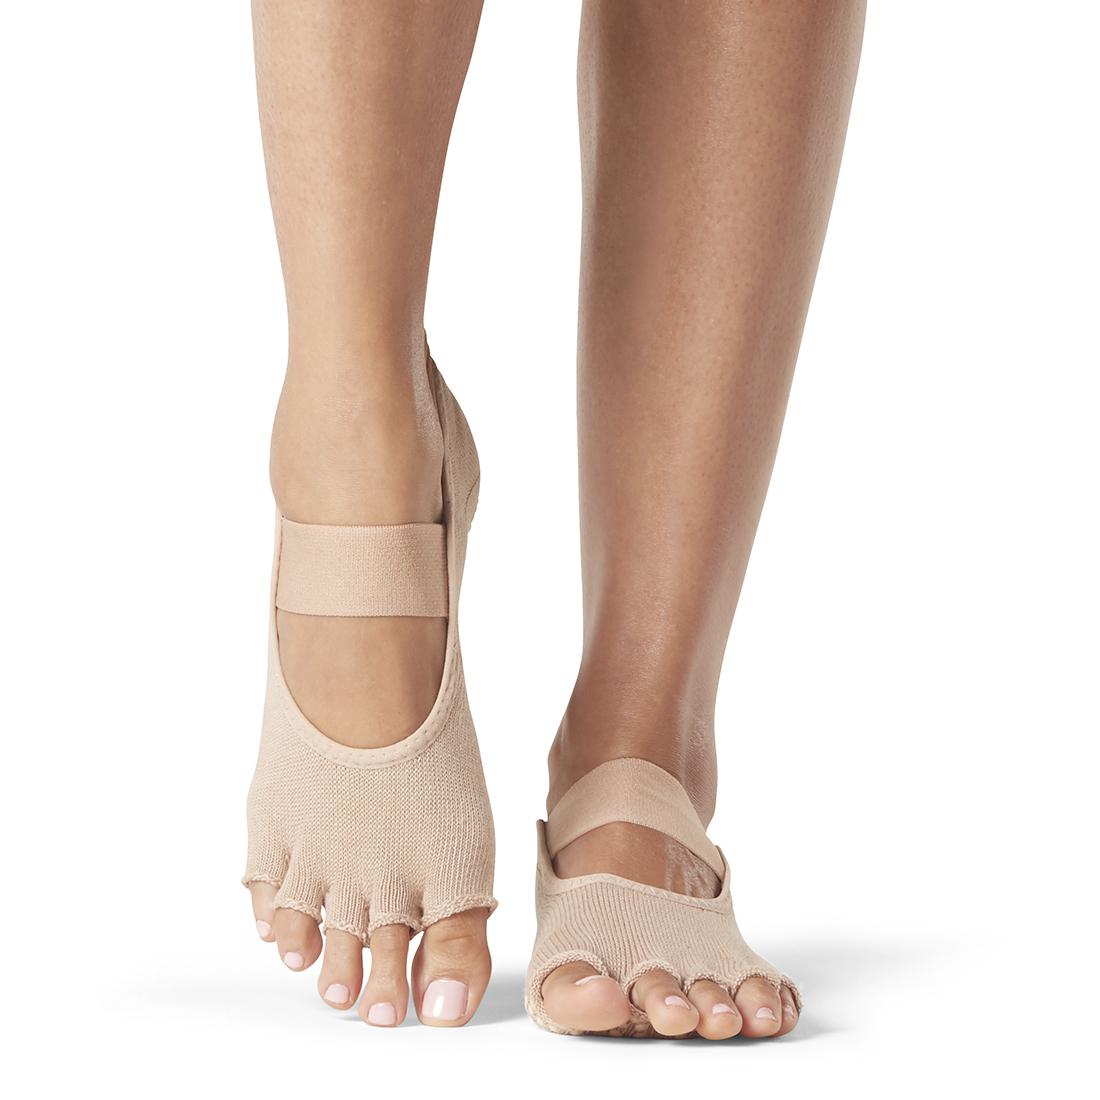 Yogasocken ToeSox Mia Half Toe Nude - 1